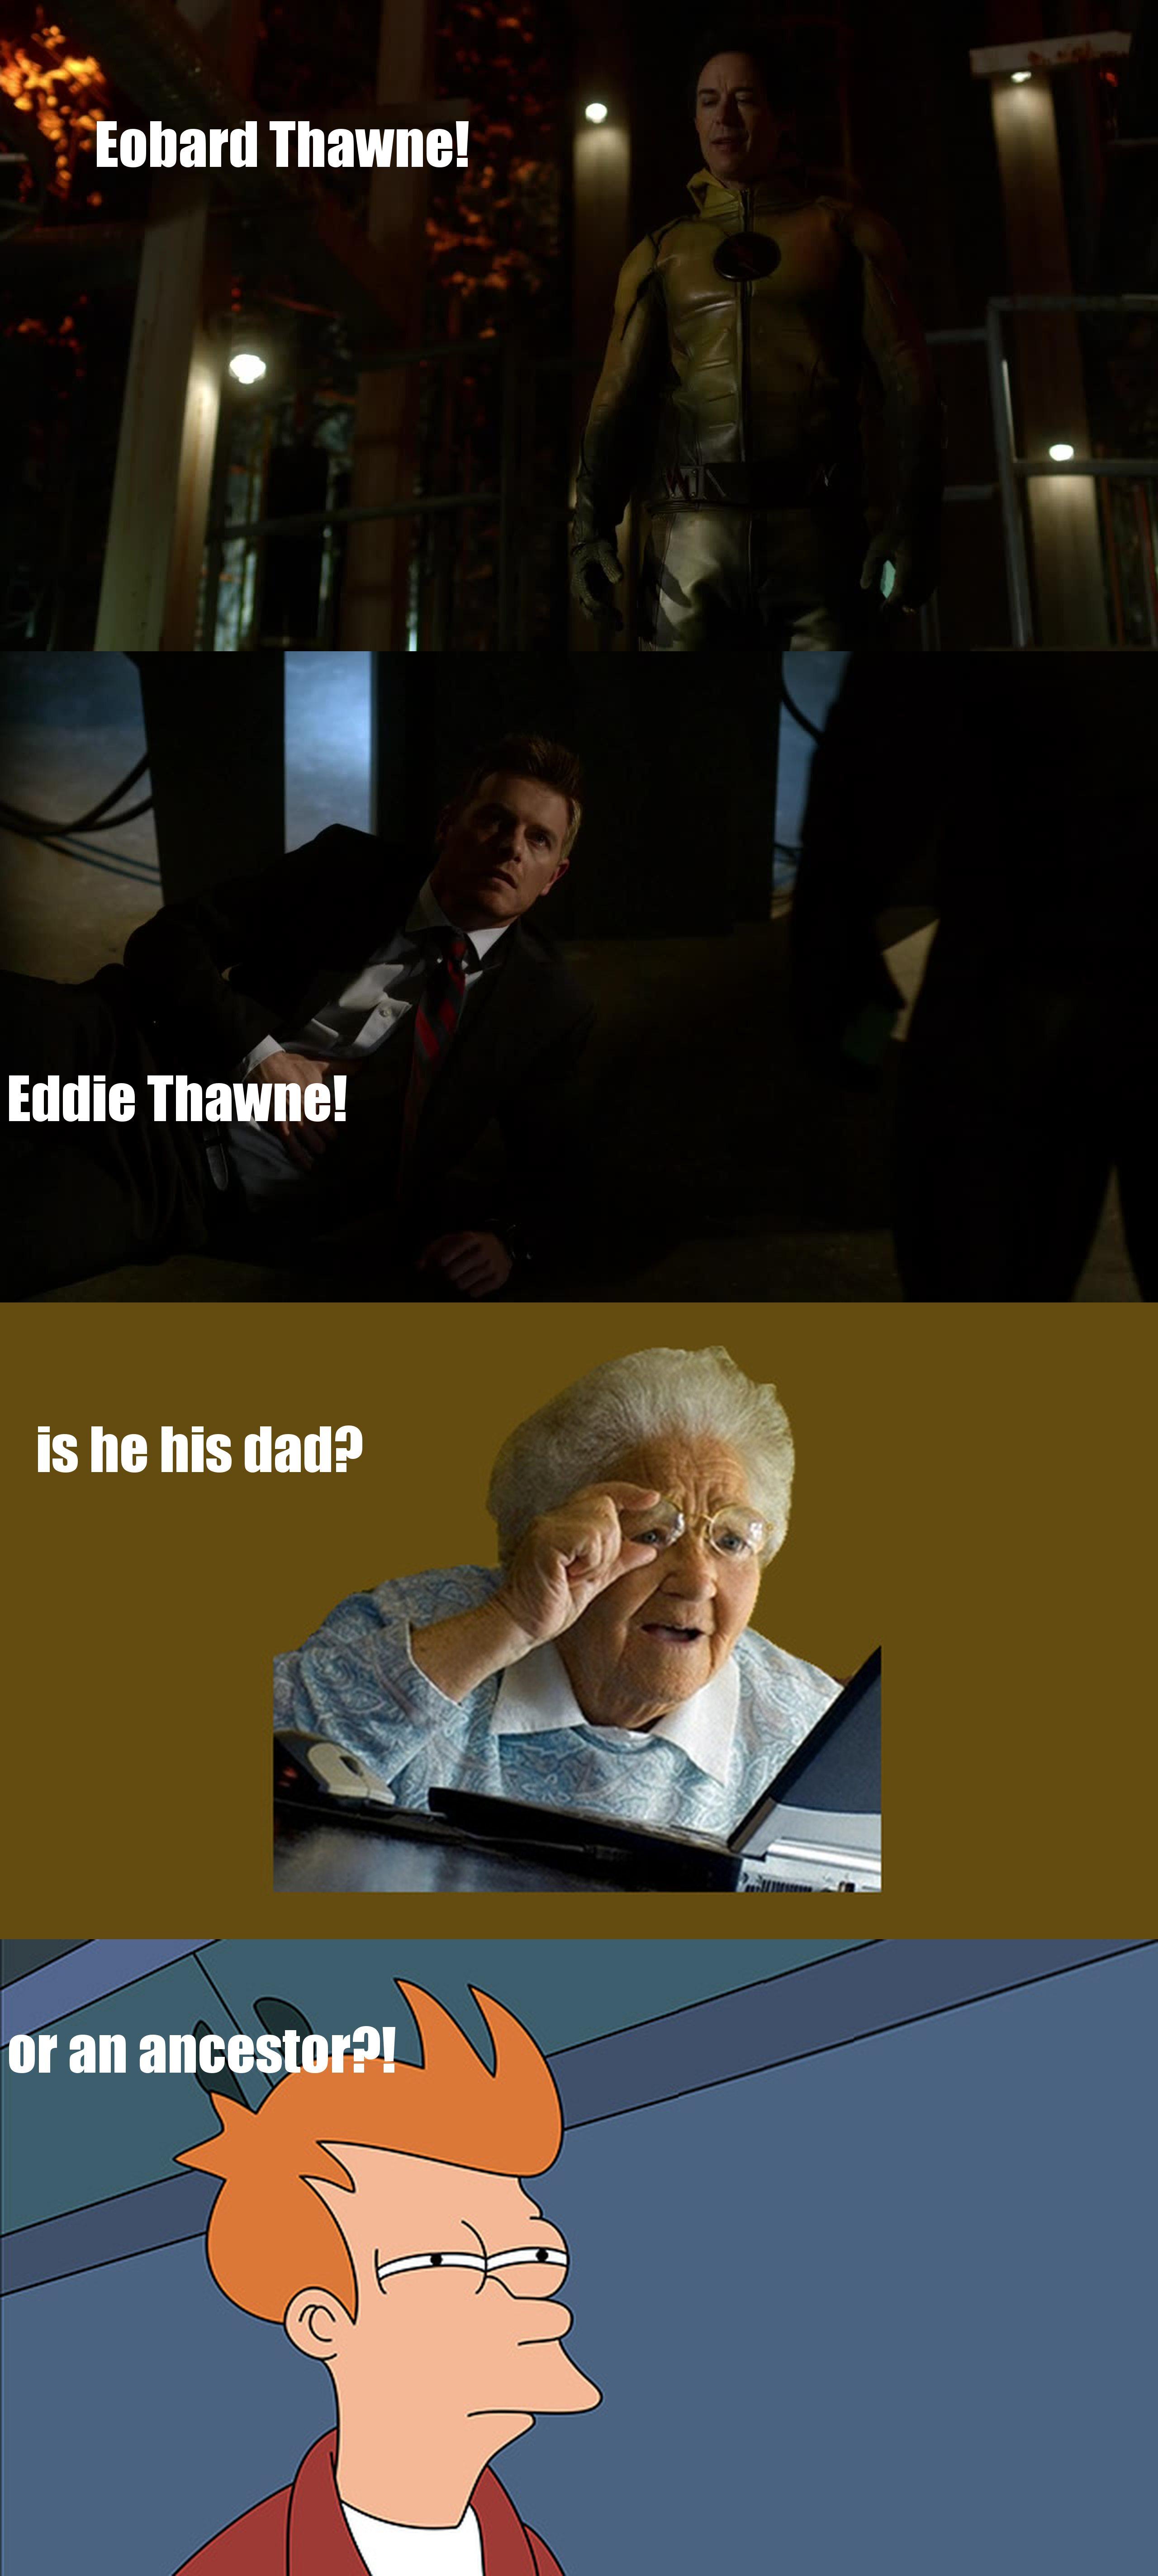 Thawne mystery!